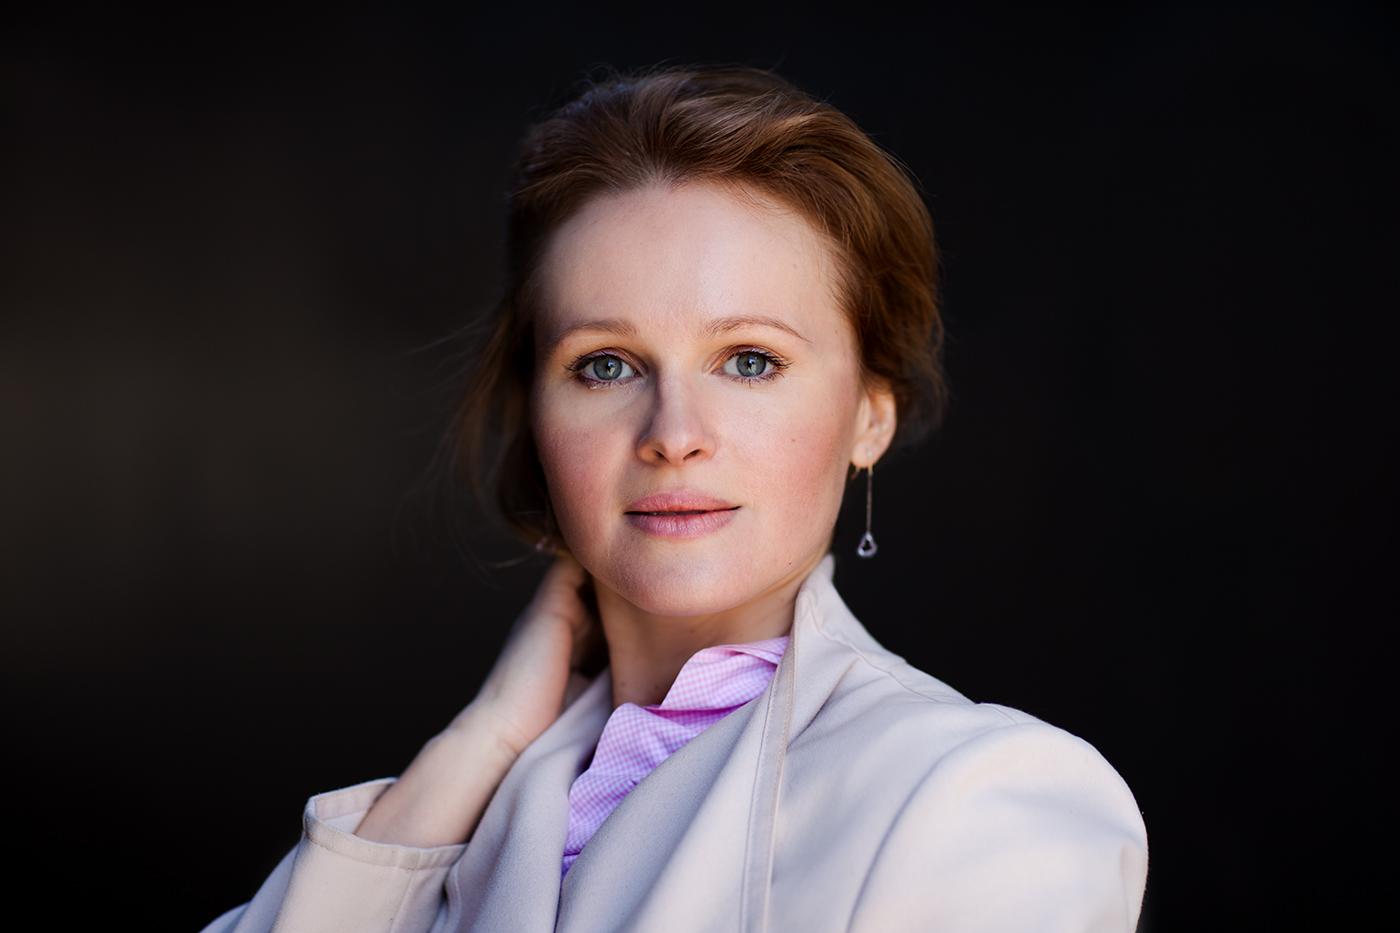 Wir feiern Komponistinnen am Internationalen Frauentag Klavierabend mit Natalia Pegarkova-Barenboim